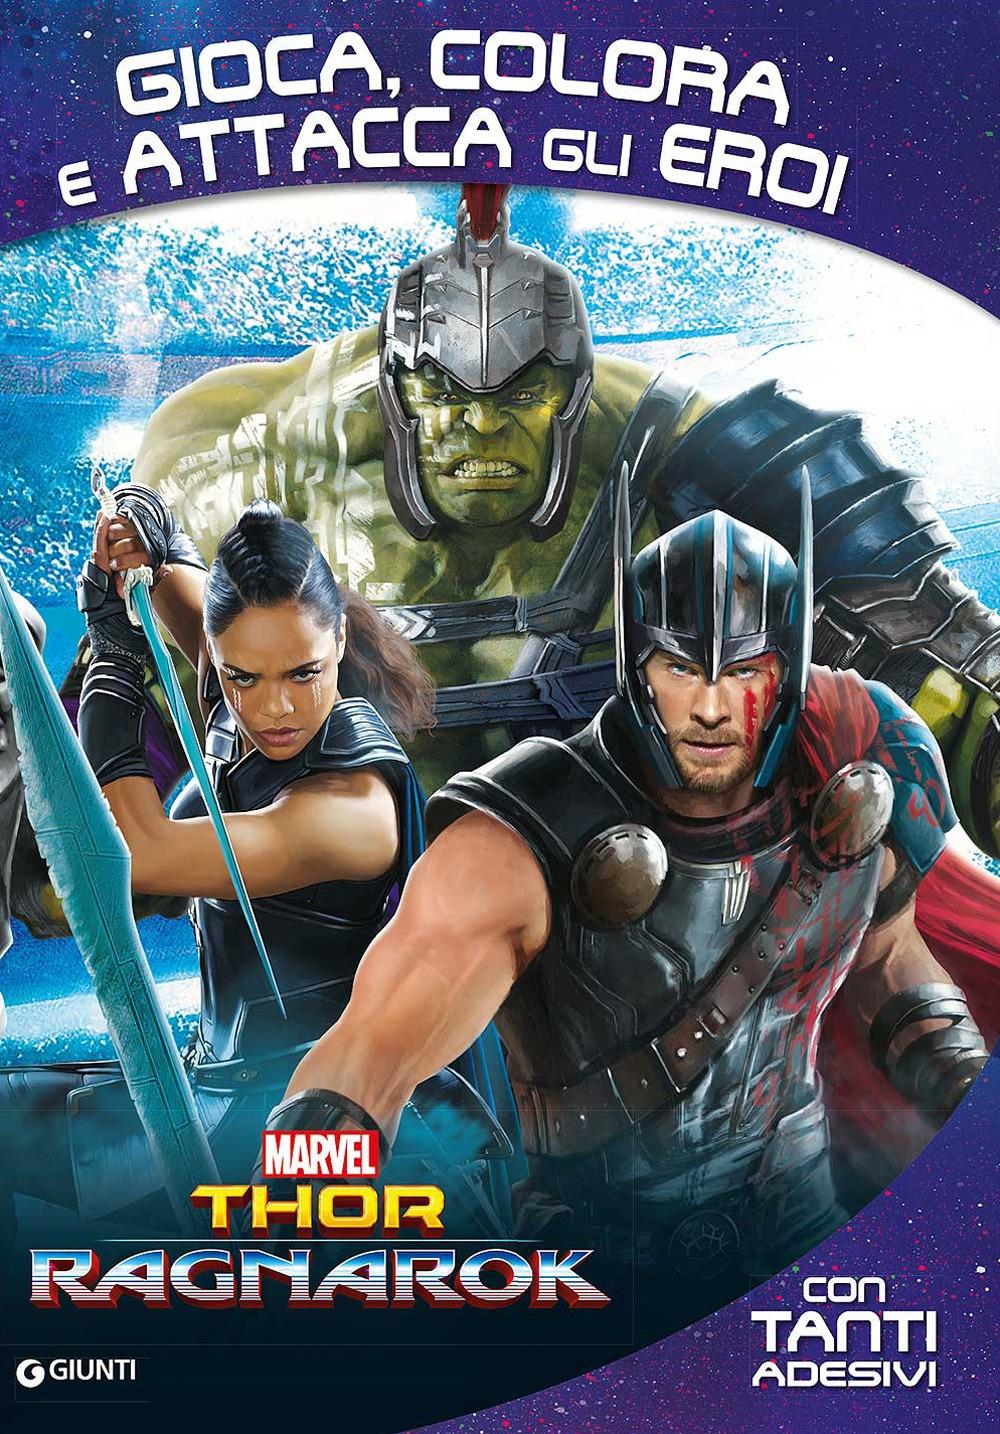 Thor Ragnarok. Gioca, colora e attacca gli eroi. Con adesivi